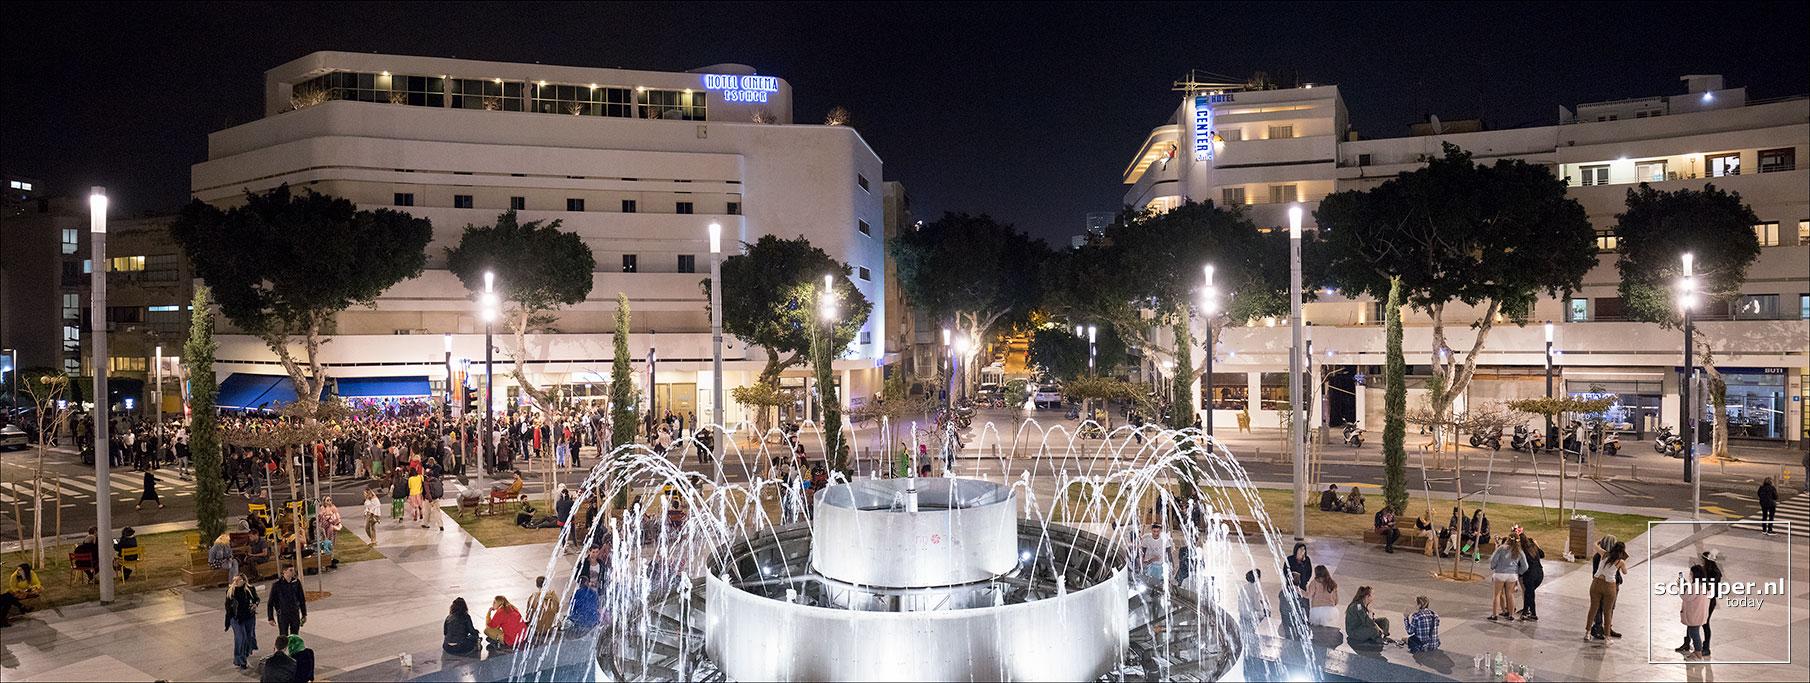 Israel, Tel Aviv, 23 maart 2019